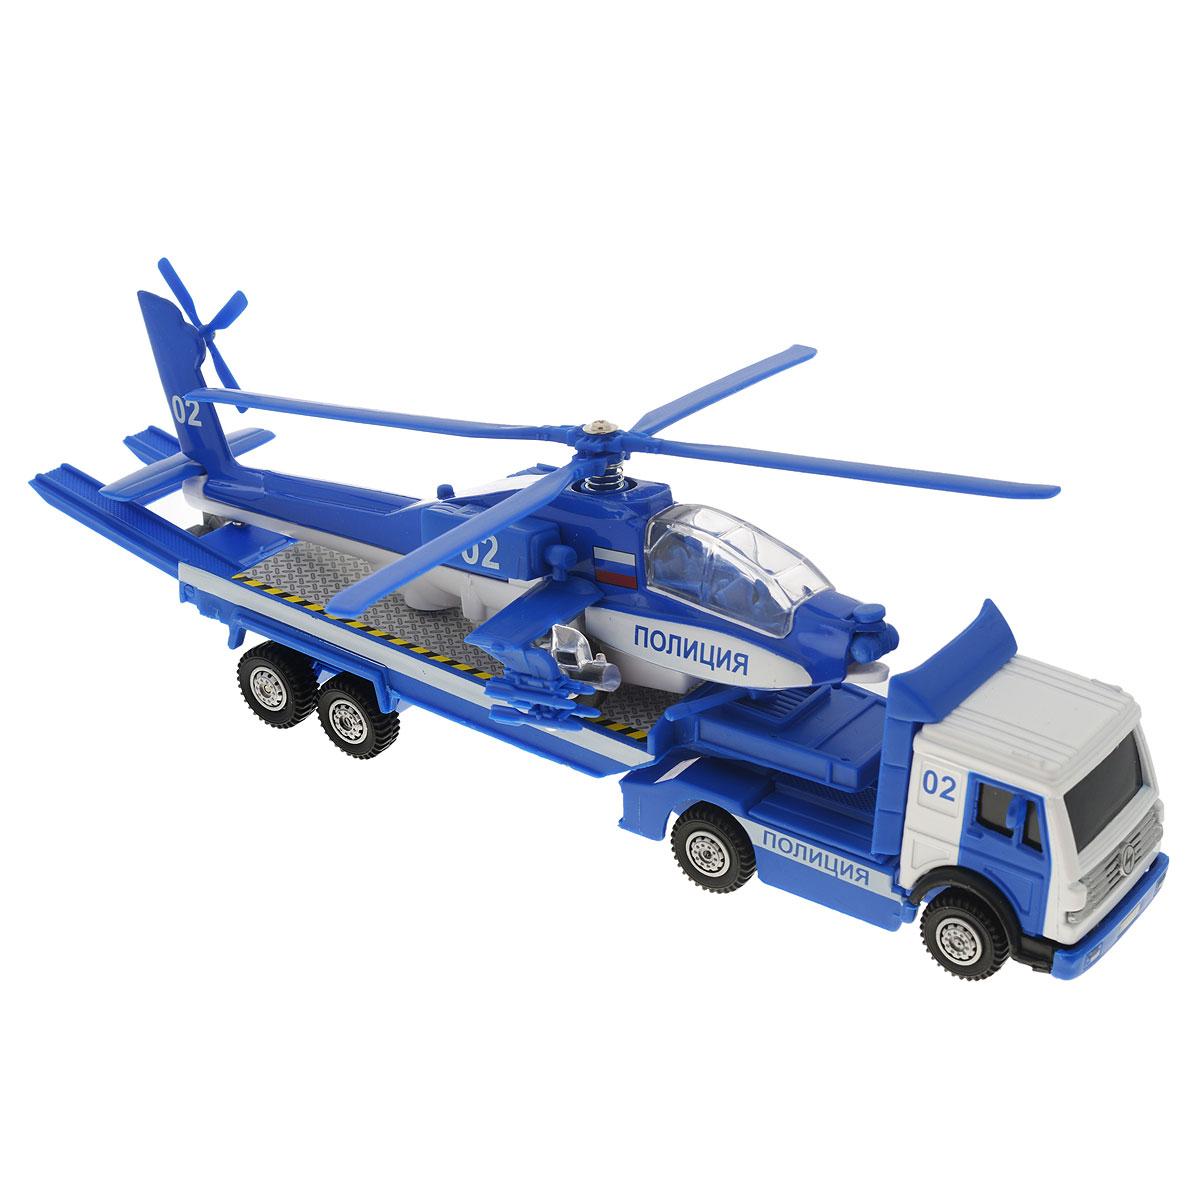 ТехноПарк Игровой набор ПолицияCT10-037-2Игровой набор ТехноПарк Полиция включает 2 уменьшенных реалистичных копии военной техники: трейлер и вертолет. Модели отличаются высоким качеством исполнения и детализации. Корпус моделей выполнен из металла с элементами из пластика, стекла вертолета - из прочного прозрачного пластика. При нажатии кнопки на корпусе вертолета прозвучат звуки летящего вертолета и фраза пилота, а также загорятся огоньки в кабине пилота и под крыльями. Прицеп трейлера отсоединяется. Колесики машинки и вертолета крутятся; несущий и хвостовые винты вертолета подвижны. Ваш ребенок часами будет играть с набором, придумывая различные истории. Порадуйте его таким замечательным подарком! Вертолет работает от 3 батареек напряжением 1,5V типа LR41 (товар комплектуется демонстрационными).